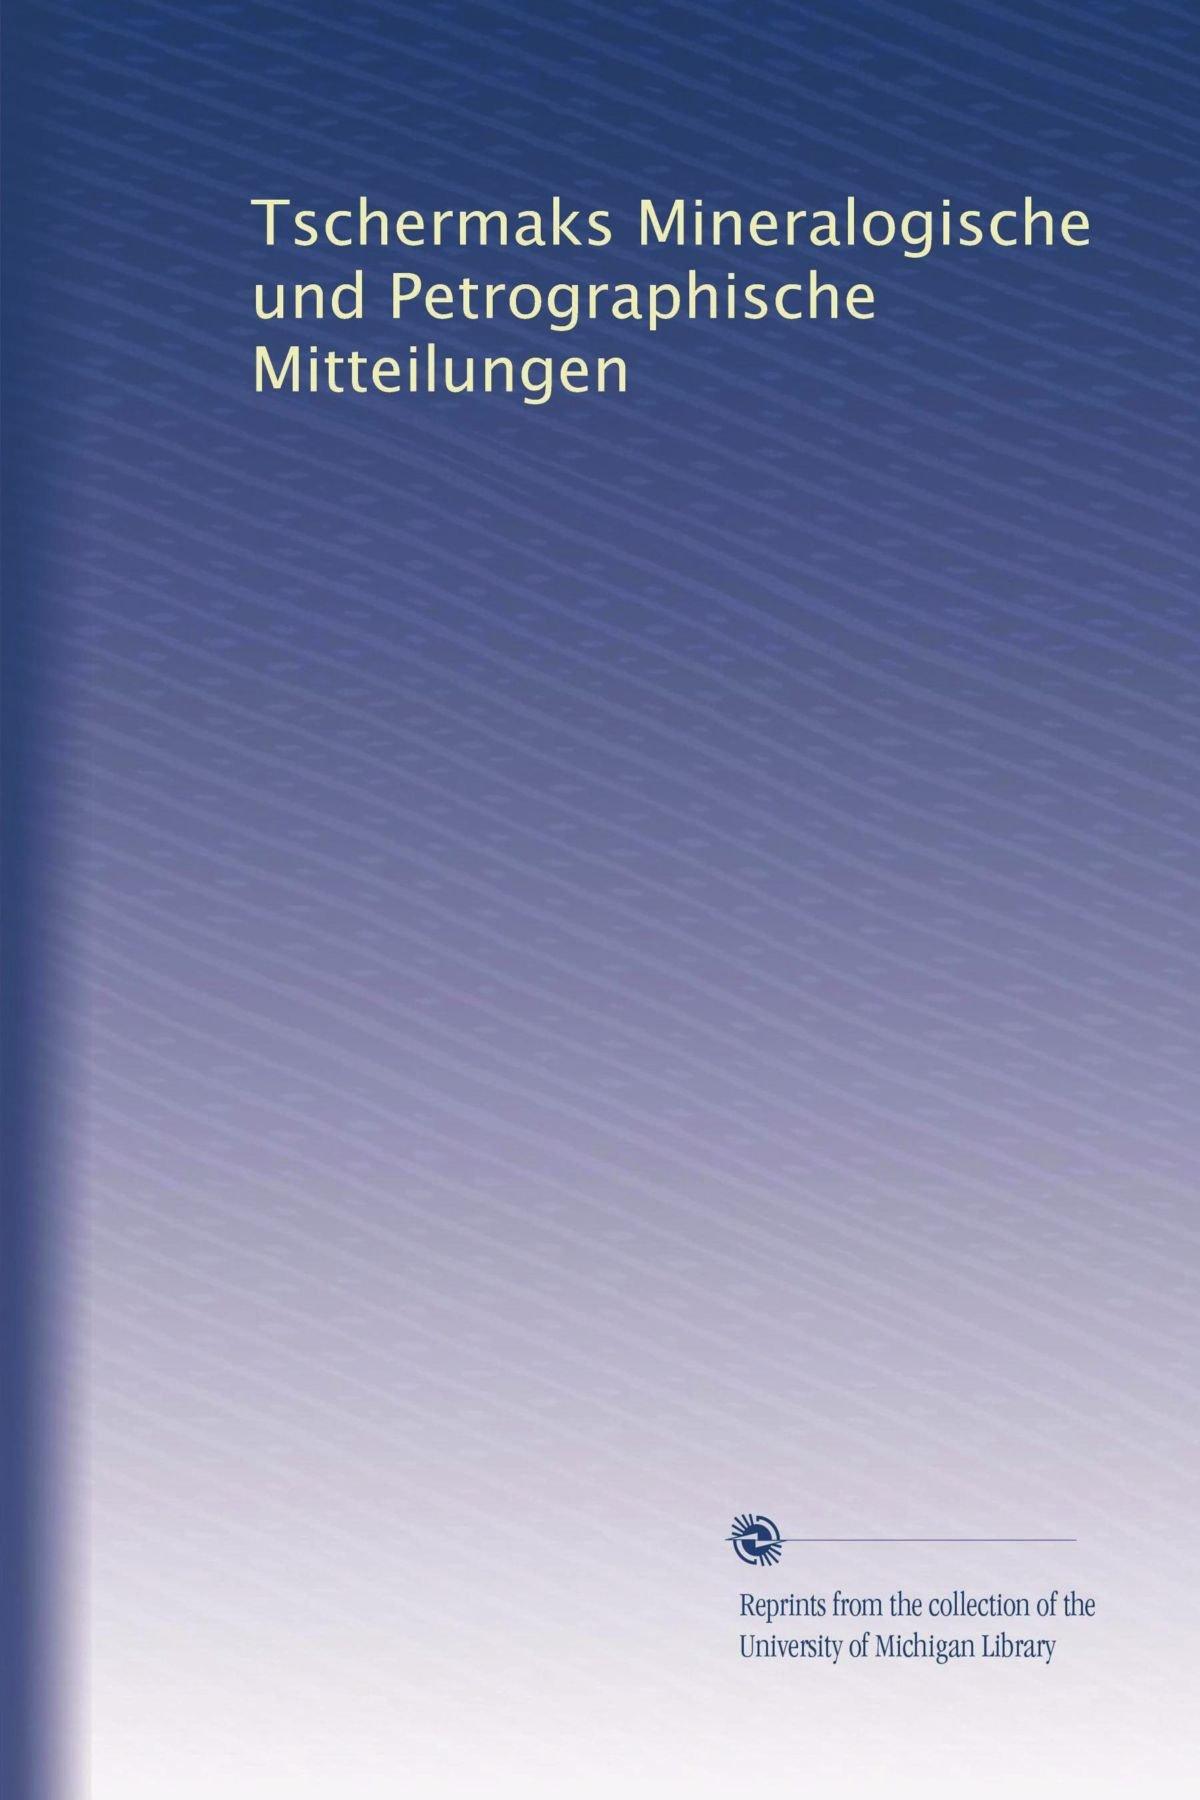 Tschermaks Mineralogische und Petrographische Mitteilungen (German Edition) pdf epub